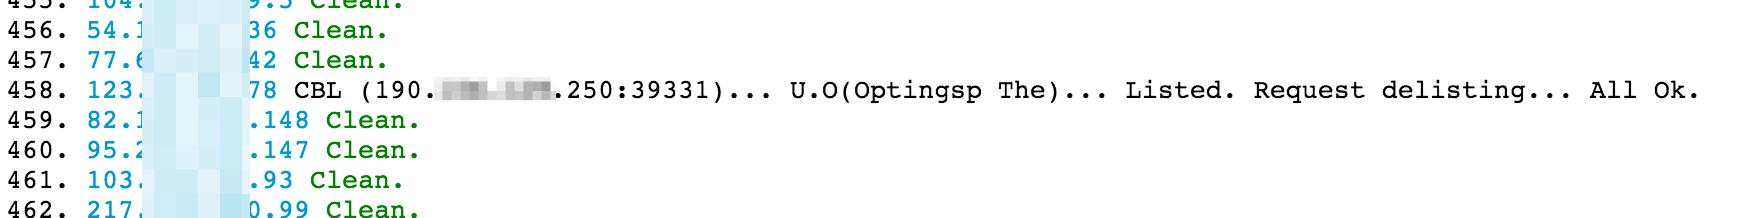 Gambar 6: Status dari sebuah alamat IP dari panel kontrol setelah itu dihapuskan dari CBL